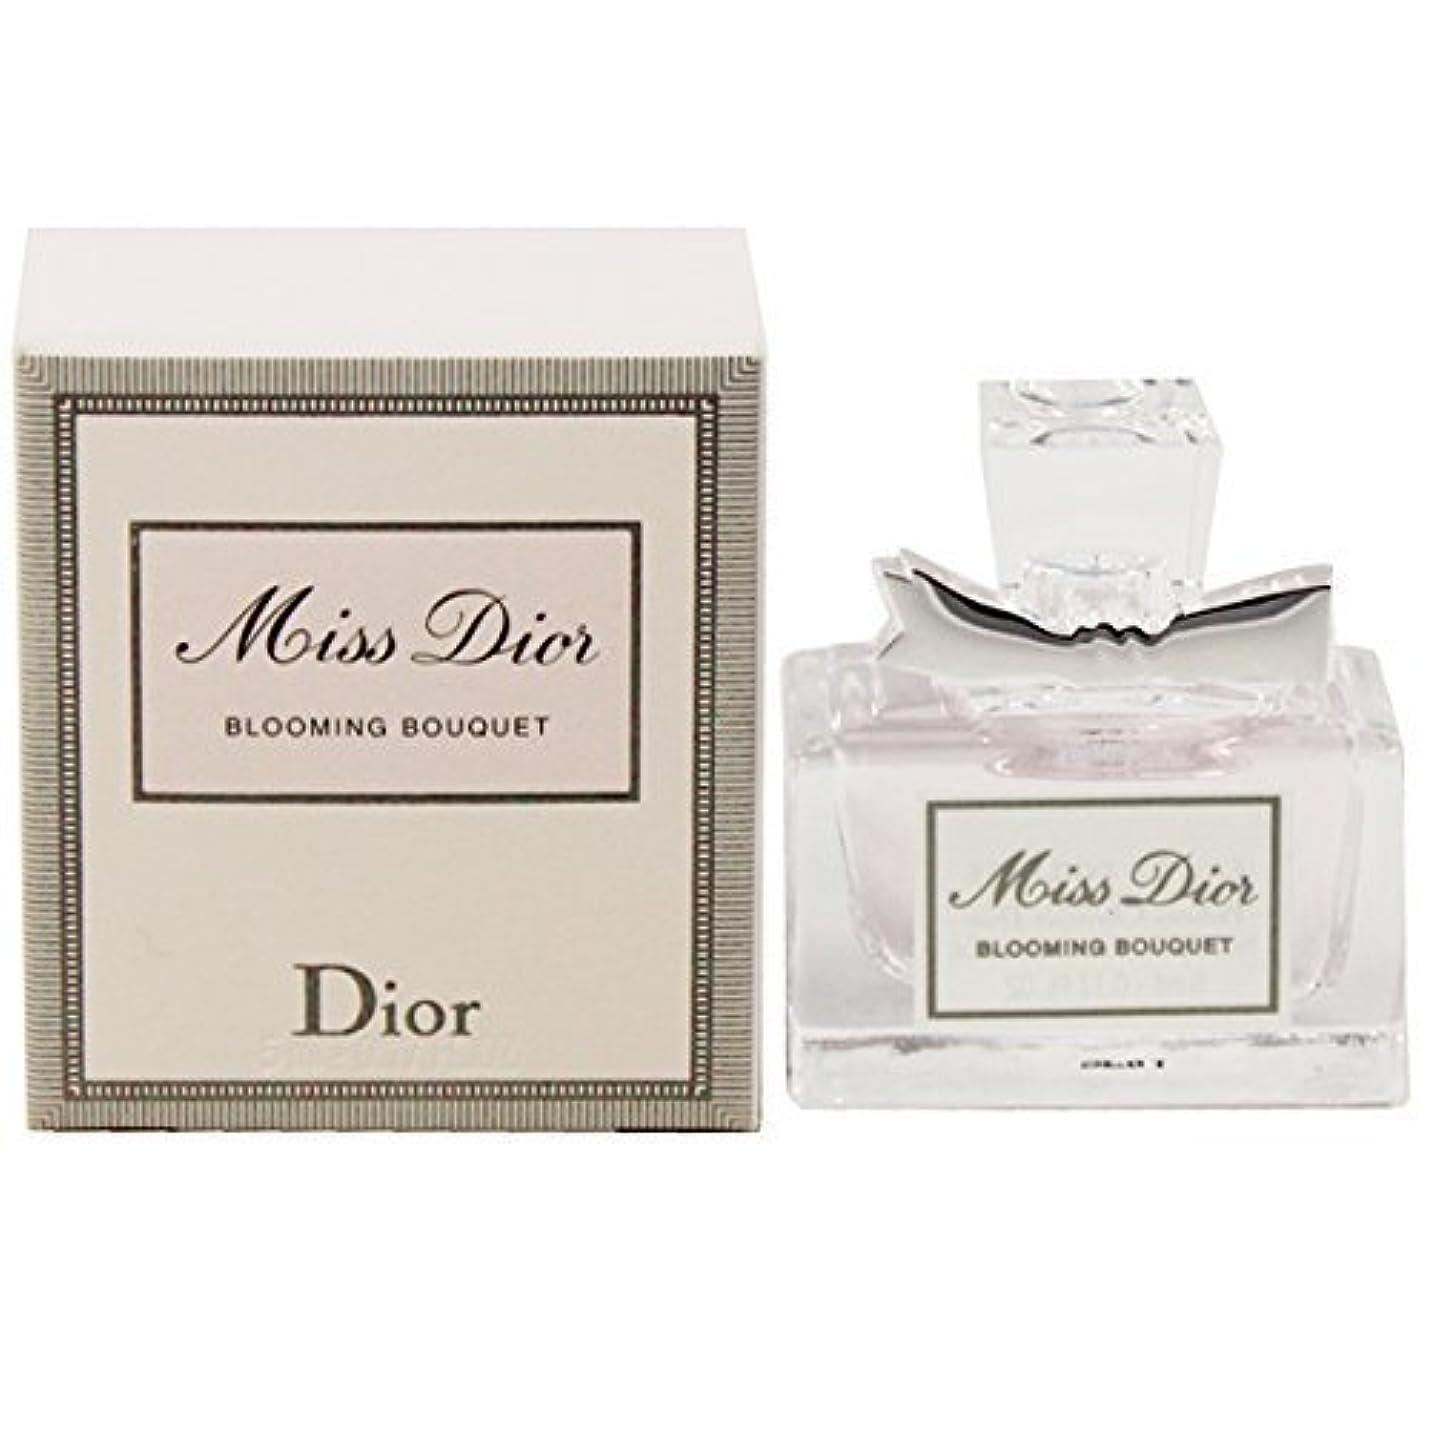 鳥カエルバースクリスチャン ディオール(Christian Dior) ミス ディオール ブルーミングブーケEDT?BT 5ml[並行輸入品]